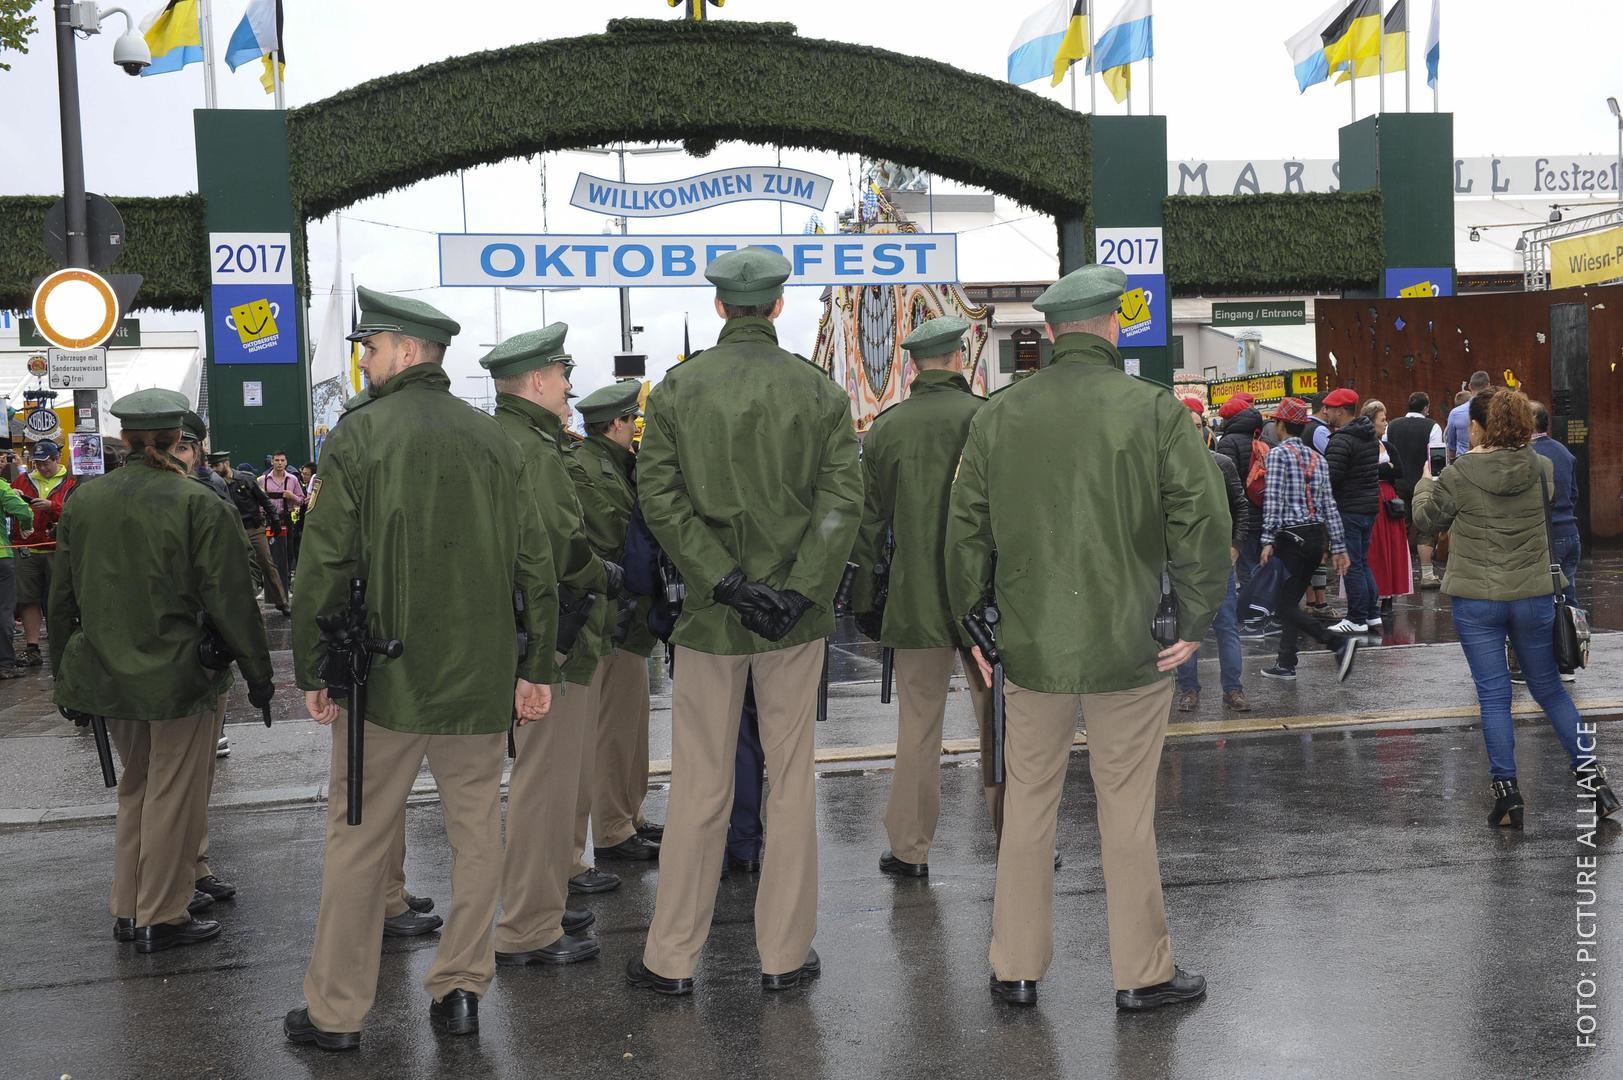 Polizei am Eingang zum Oktoberfest